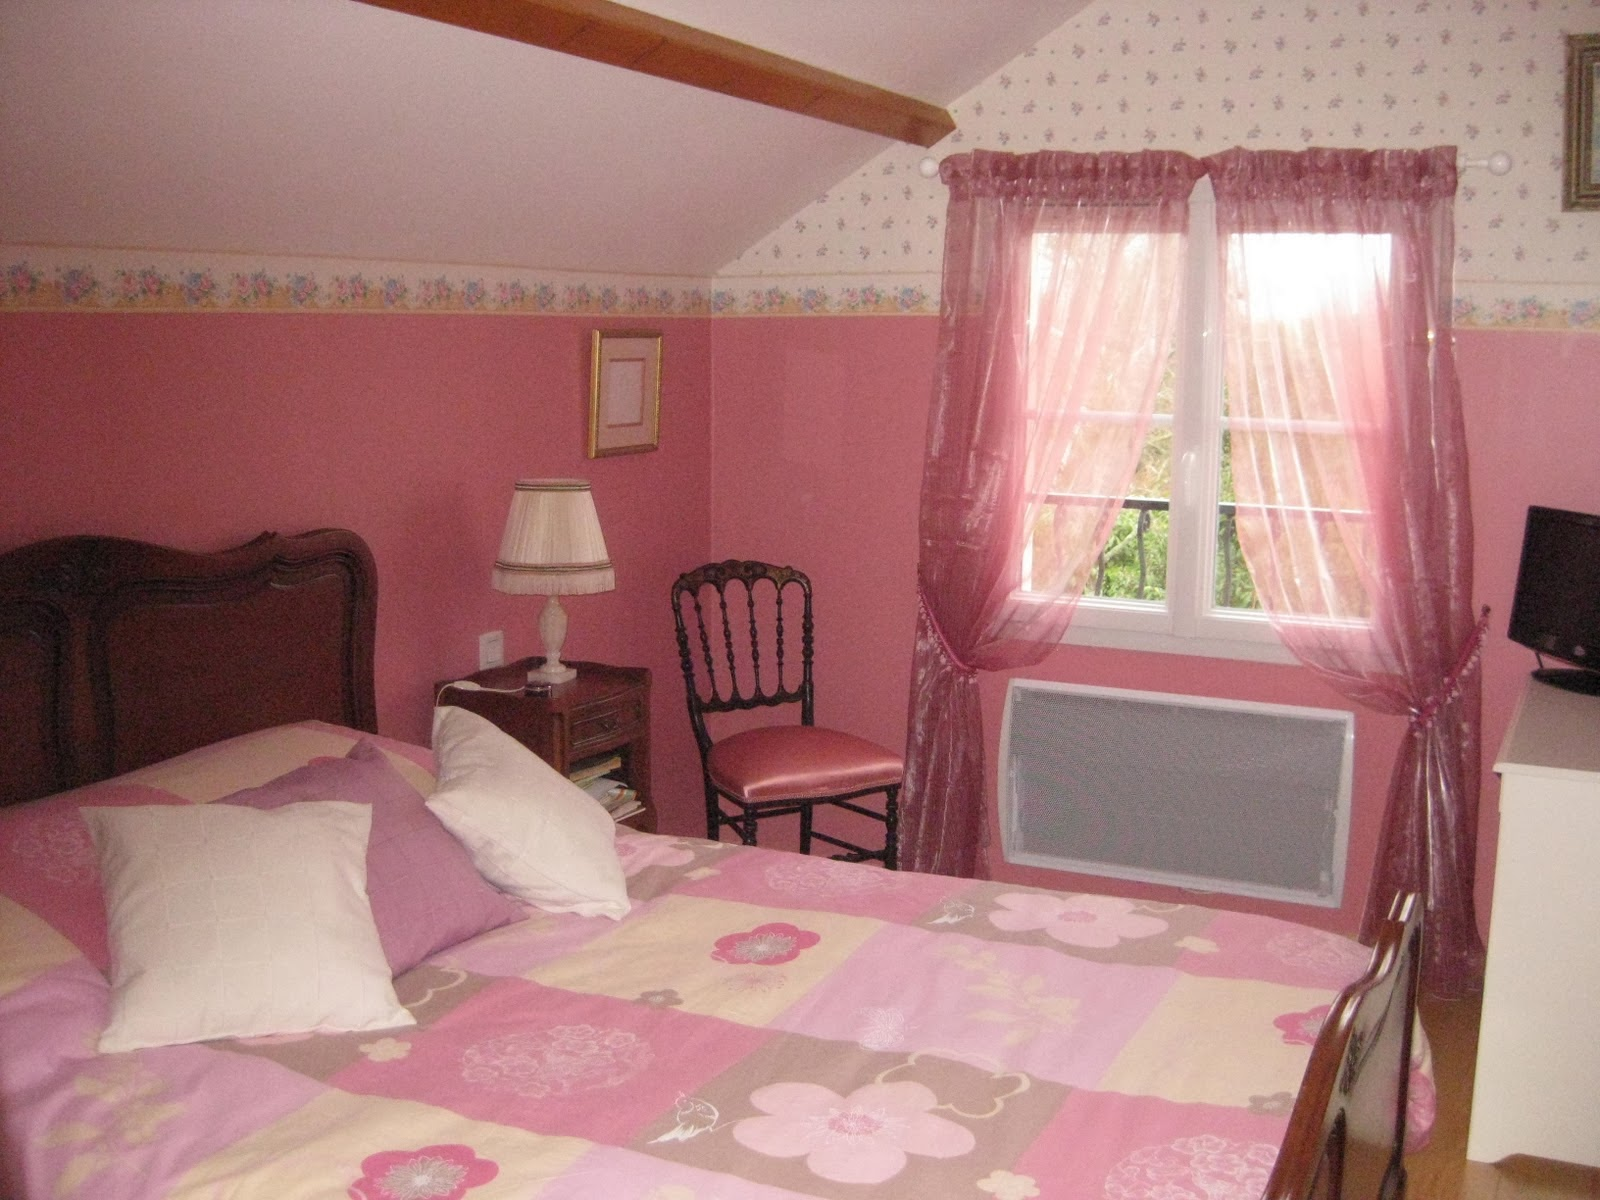 Dormitorio principal color rosa ideas para decorar for Decoracion de dormitorio principal